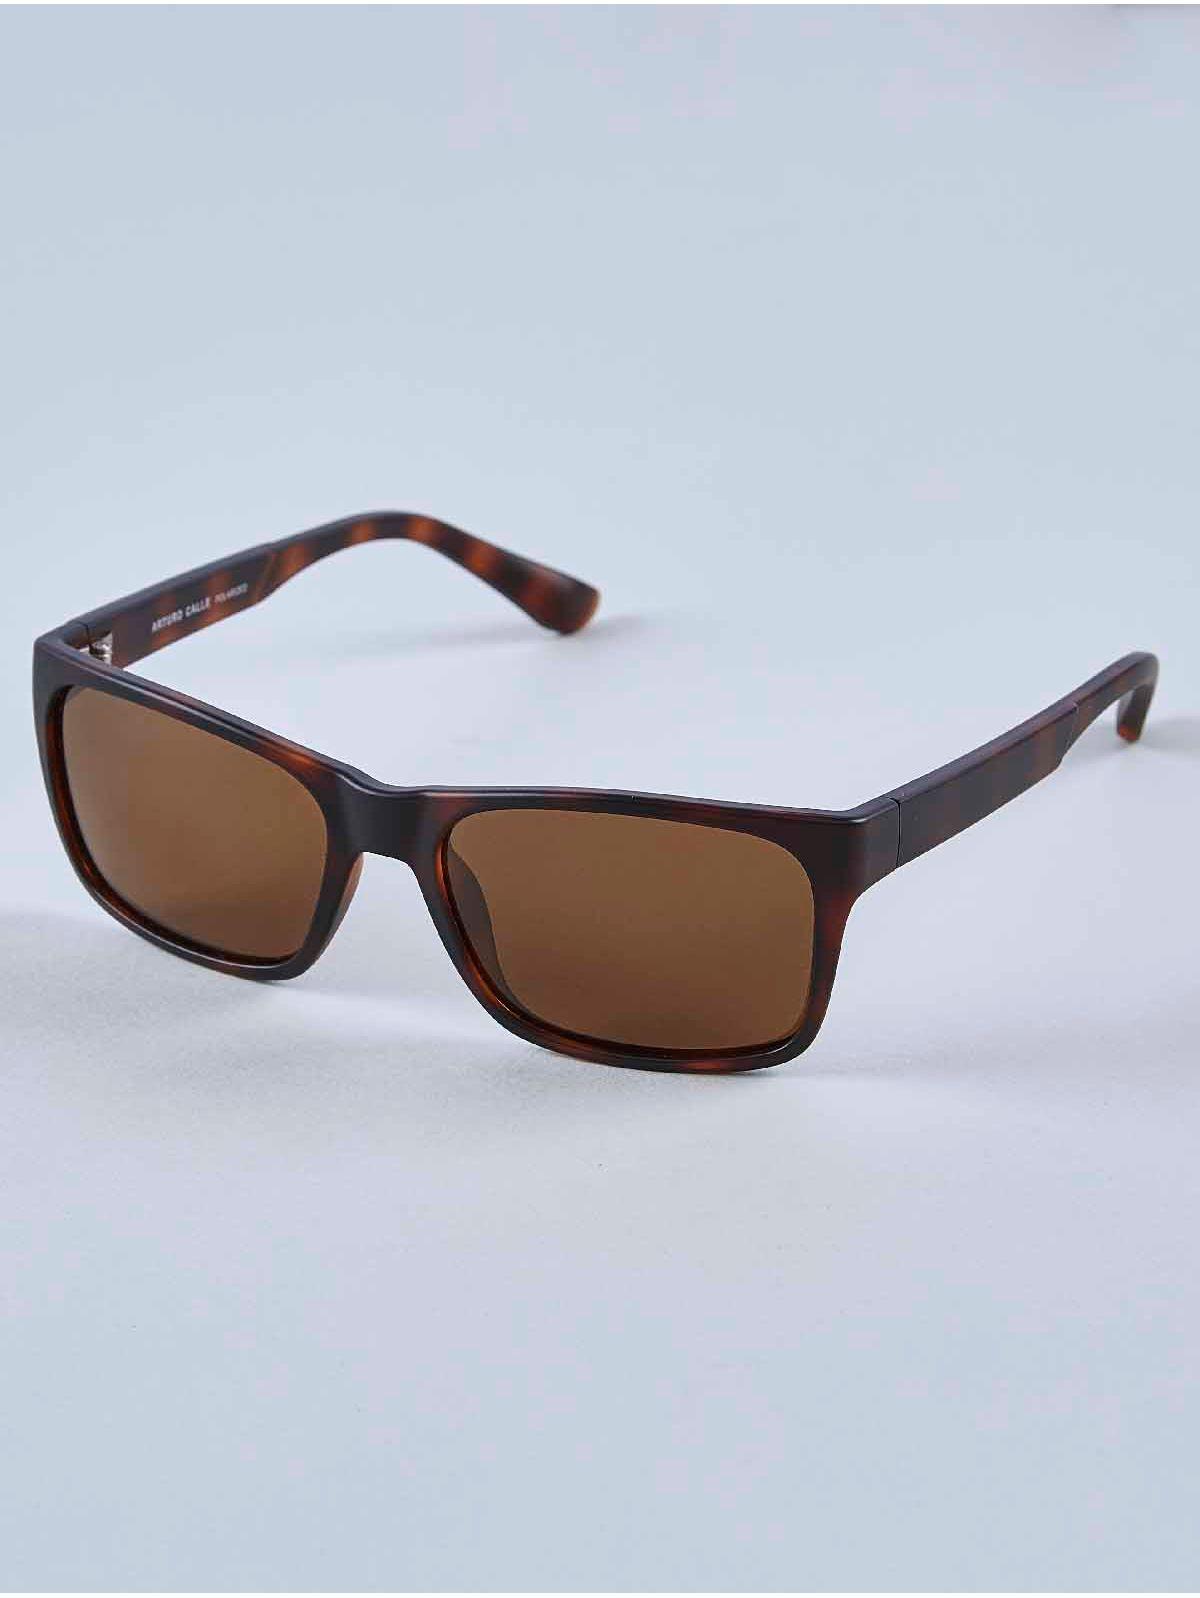 Gafas de Sol para Hombre 77943 - Arturo Calle decbc89ae38a